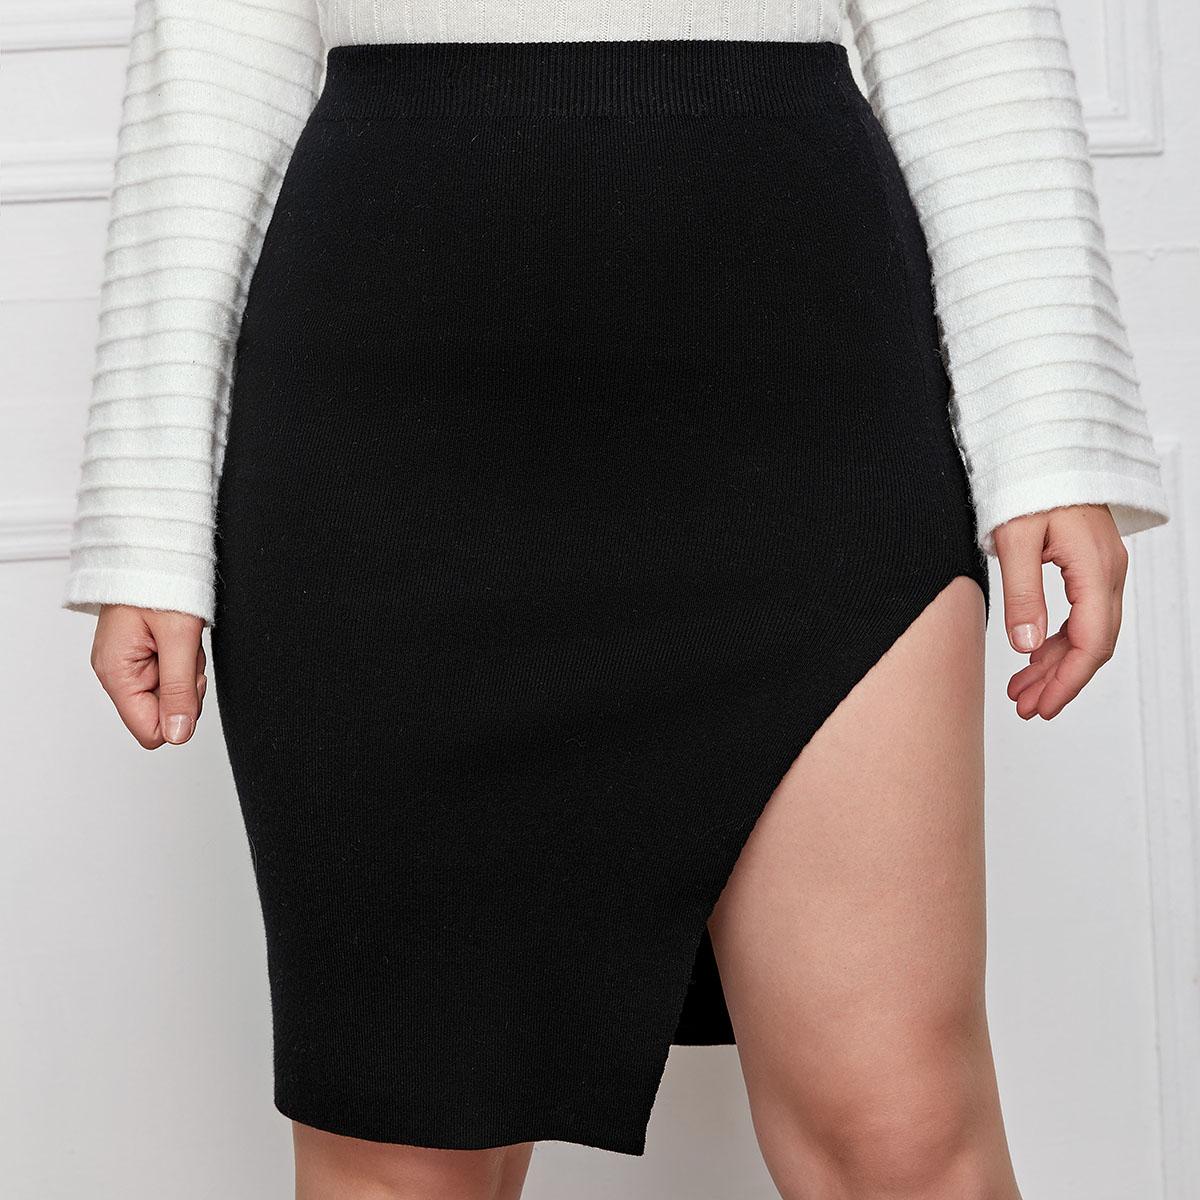 Однотонная трикотажная юбка размера плюс с разрезом